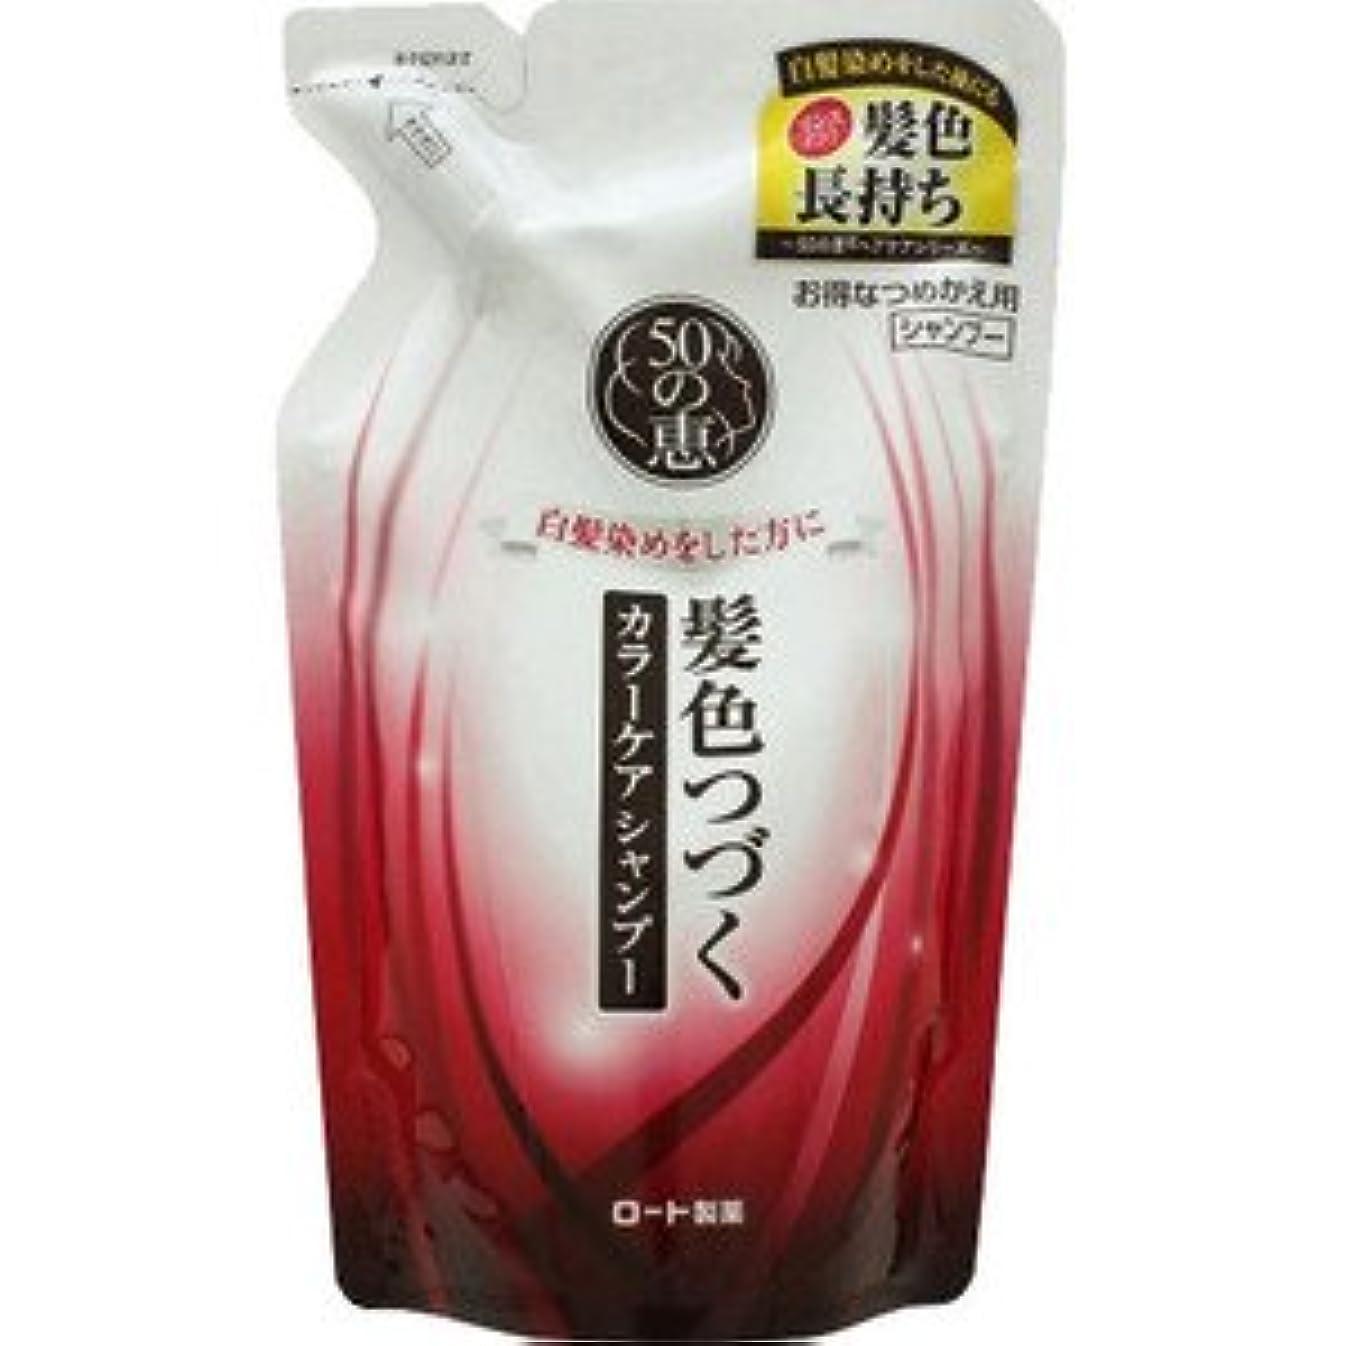 疎外する半球ローマ人(ロート製薬)50の恵 髪色つづく カラーケア シャンプー(つめかえ用) 330ml(お買い得3個セット)